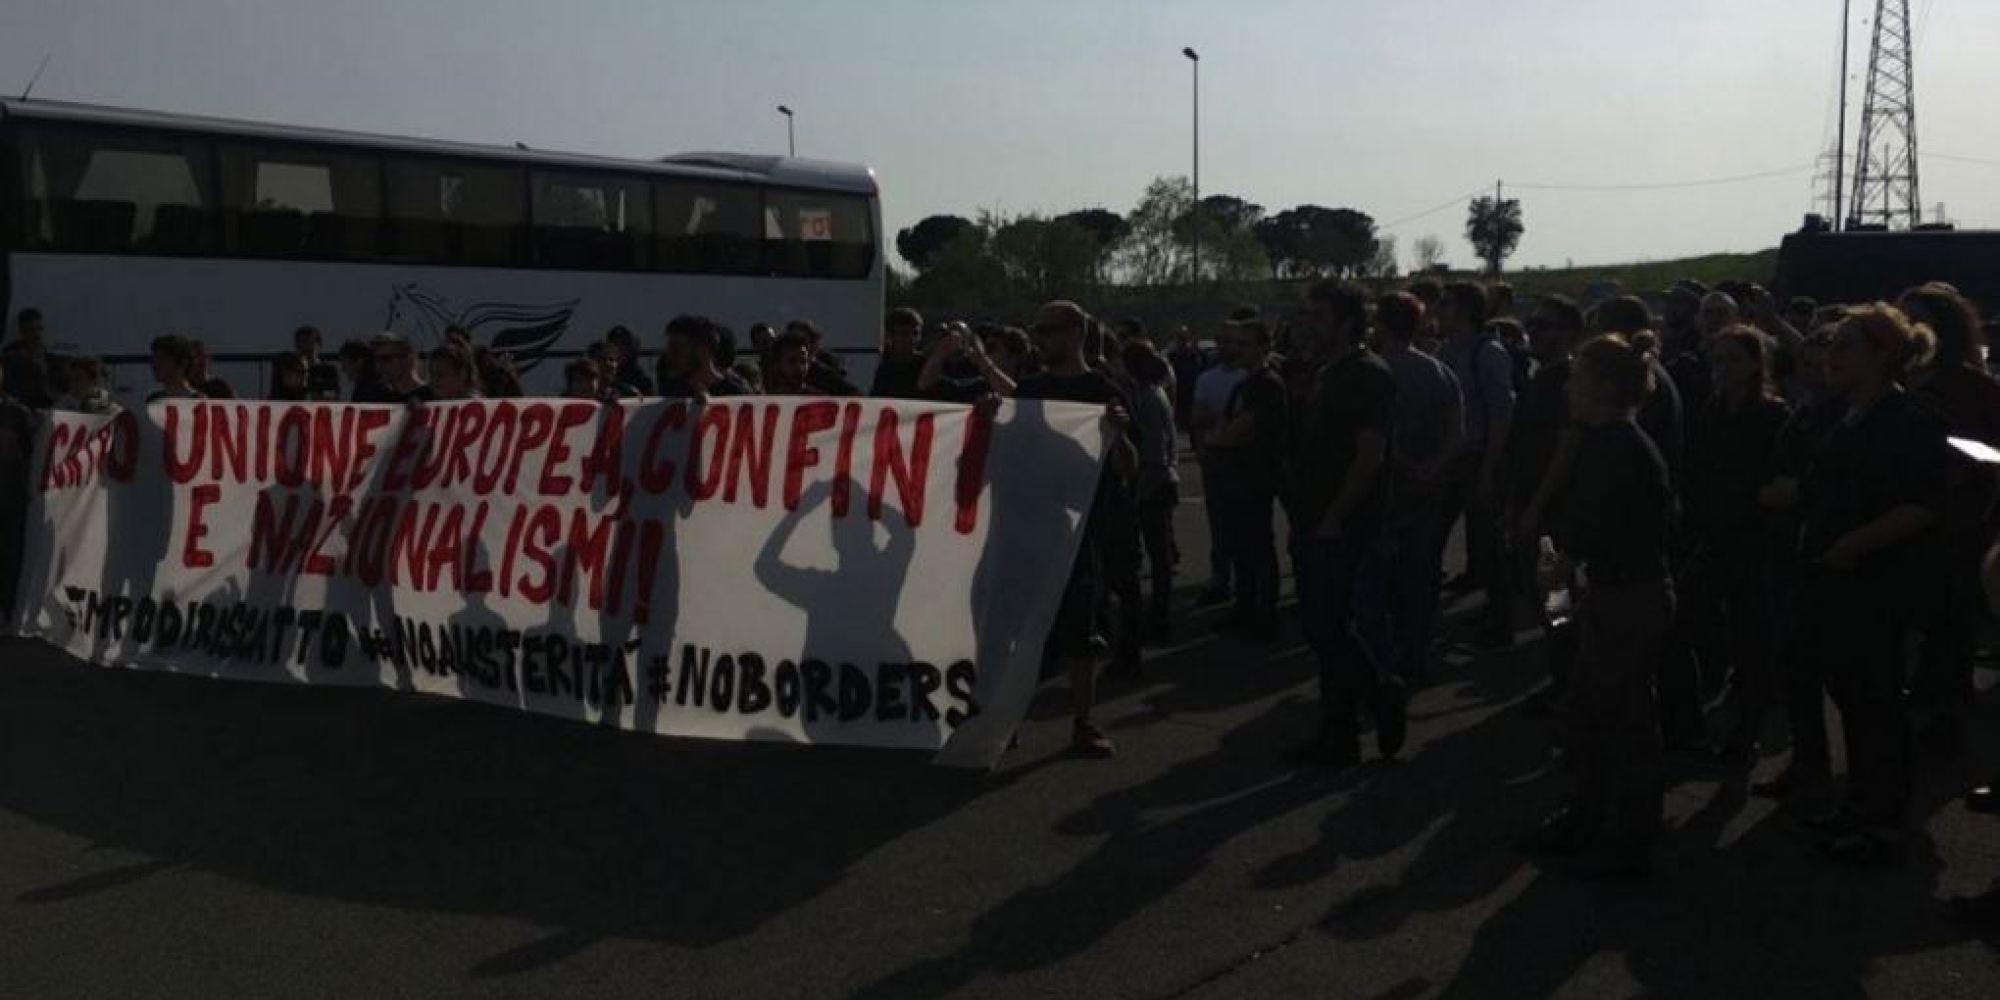 Eurostop la denuncia dei manifestanti 150 persone - Papa bagno chimico ...